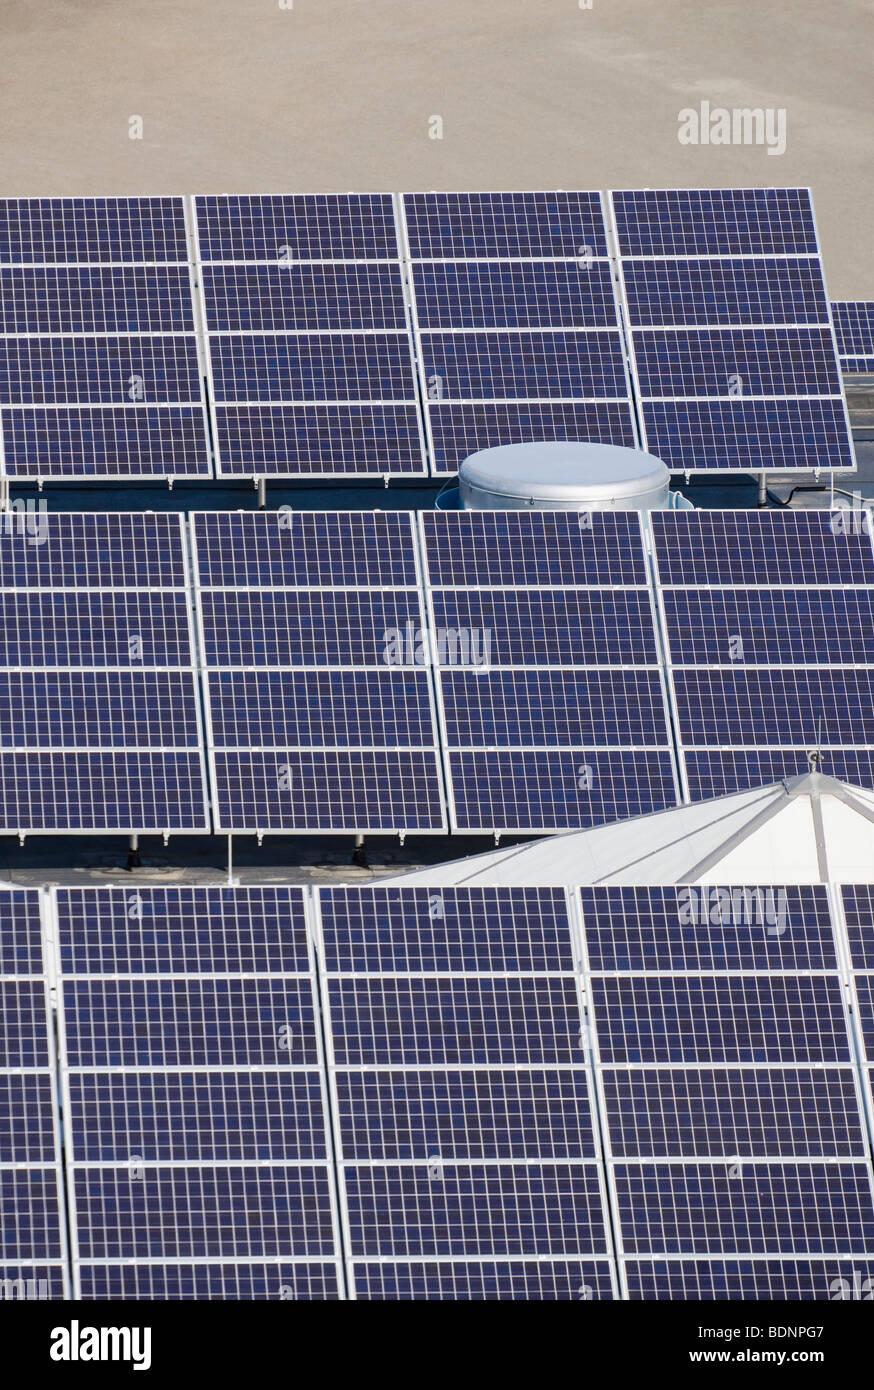 Portrait de panneaux solaires dans une industrie Photo Stock